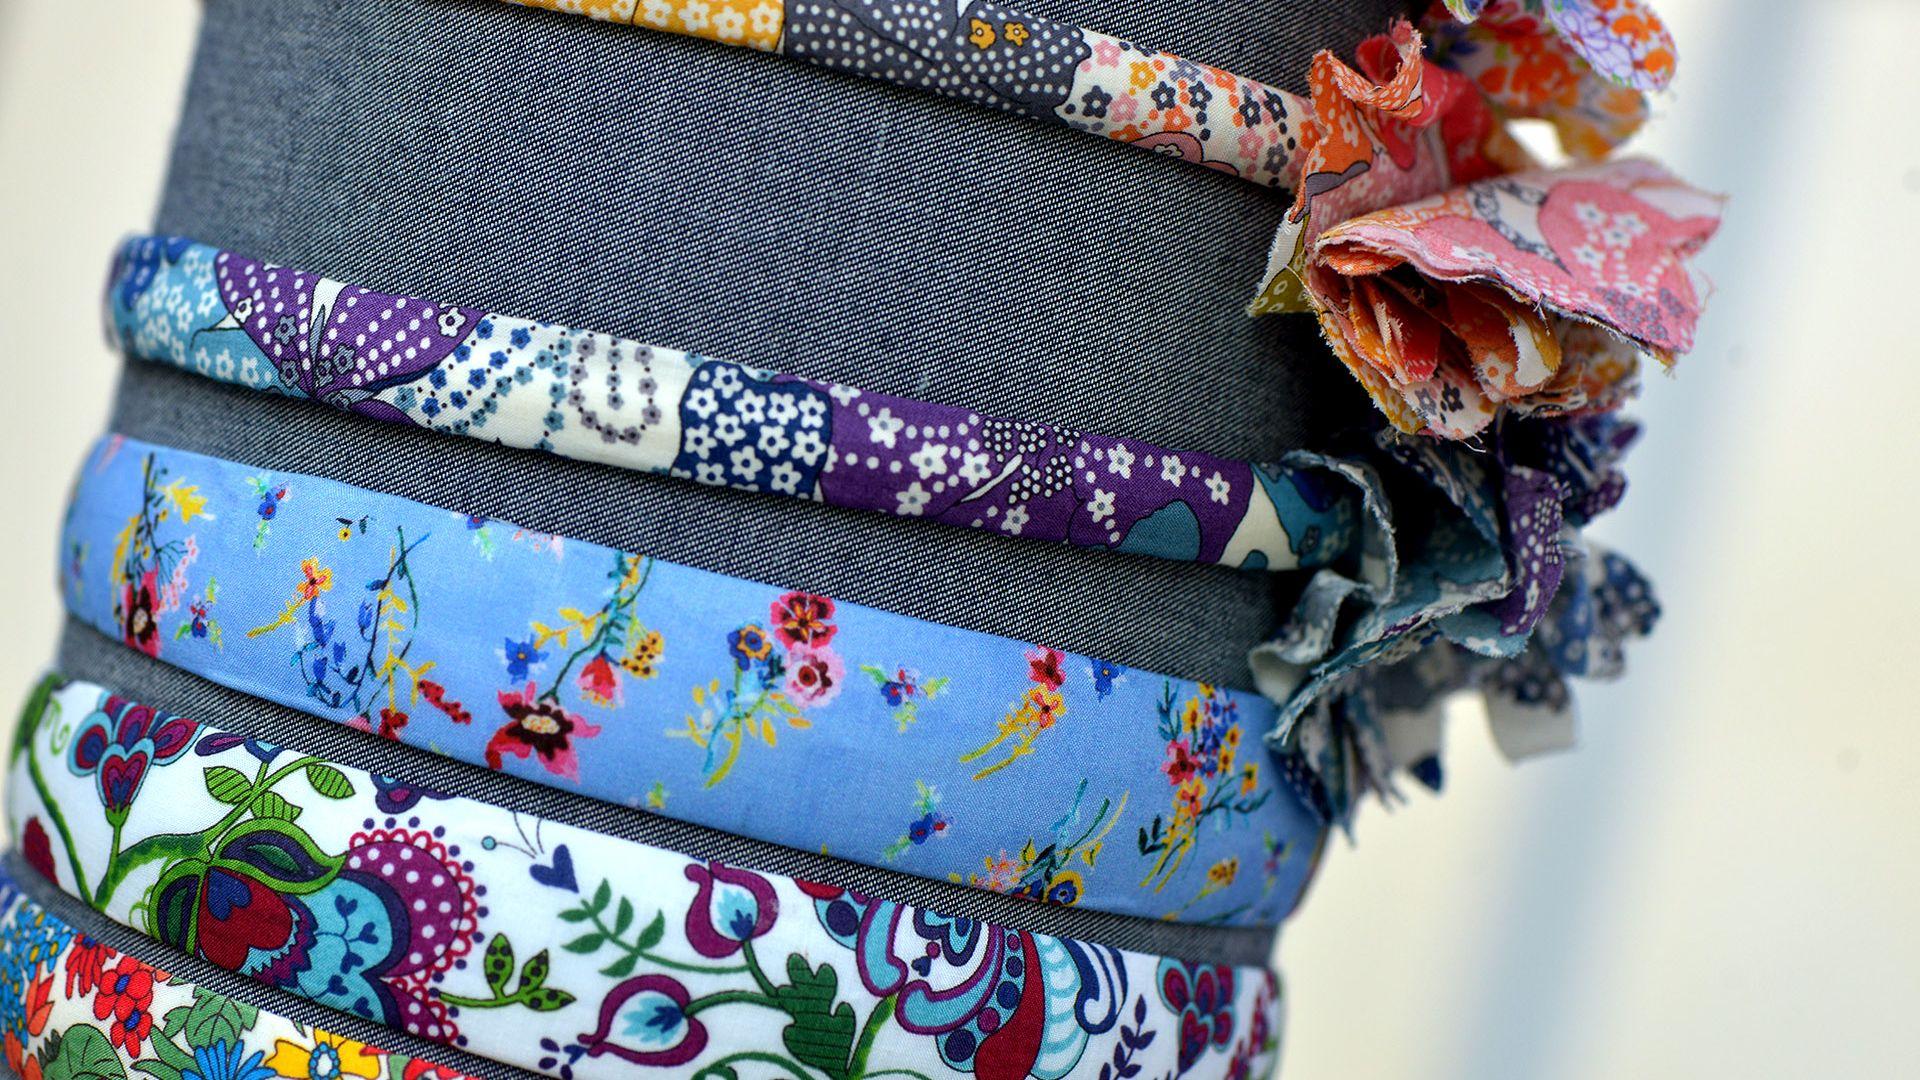 passate artigianlai in stoffa al mercatino arte e ingegno in san paolino a lucca